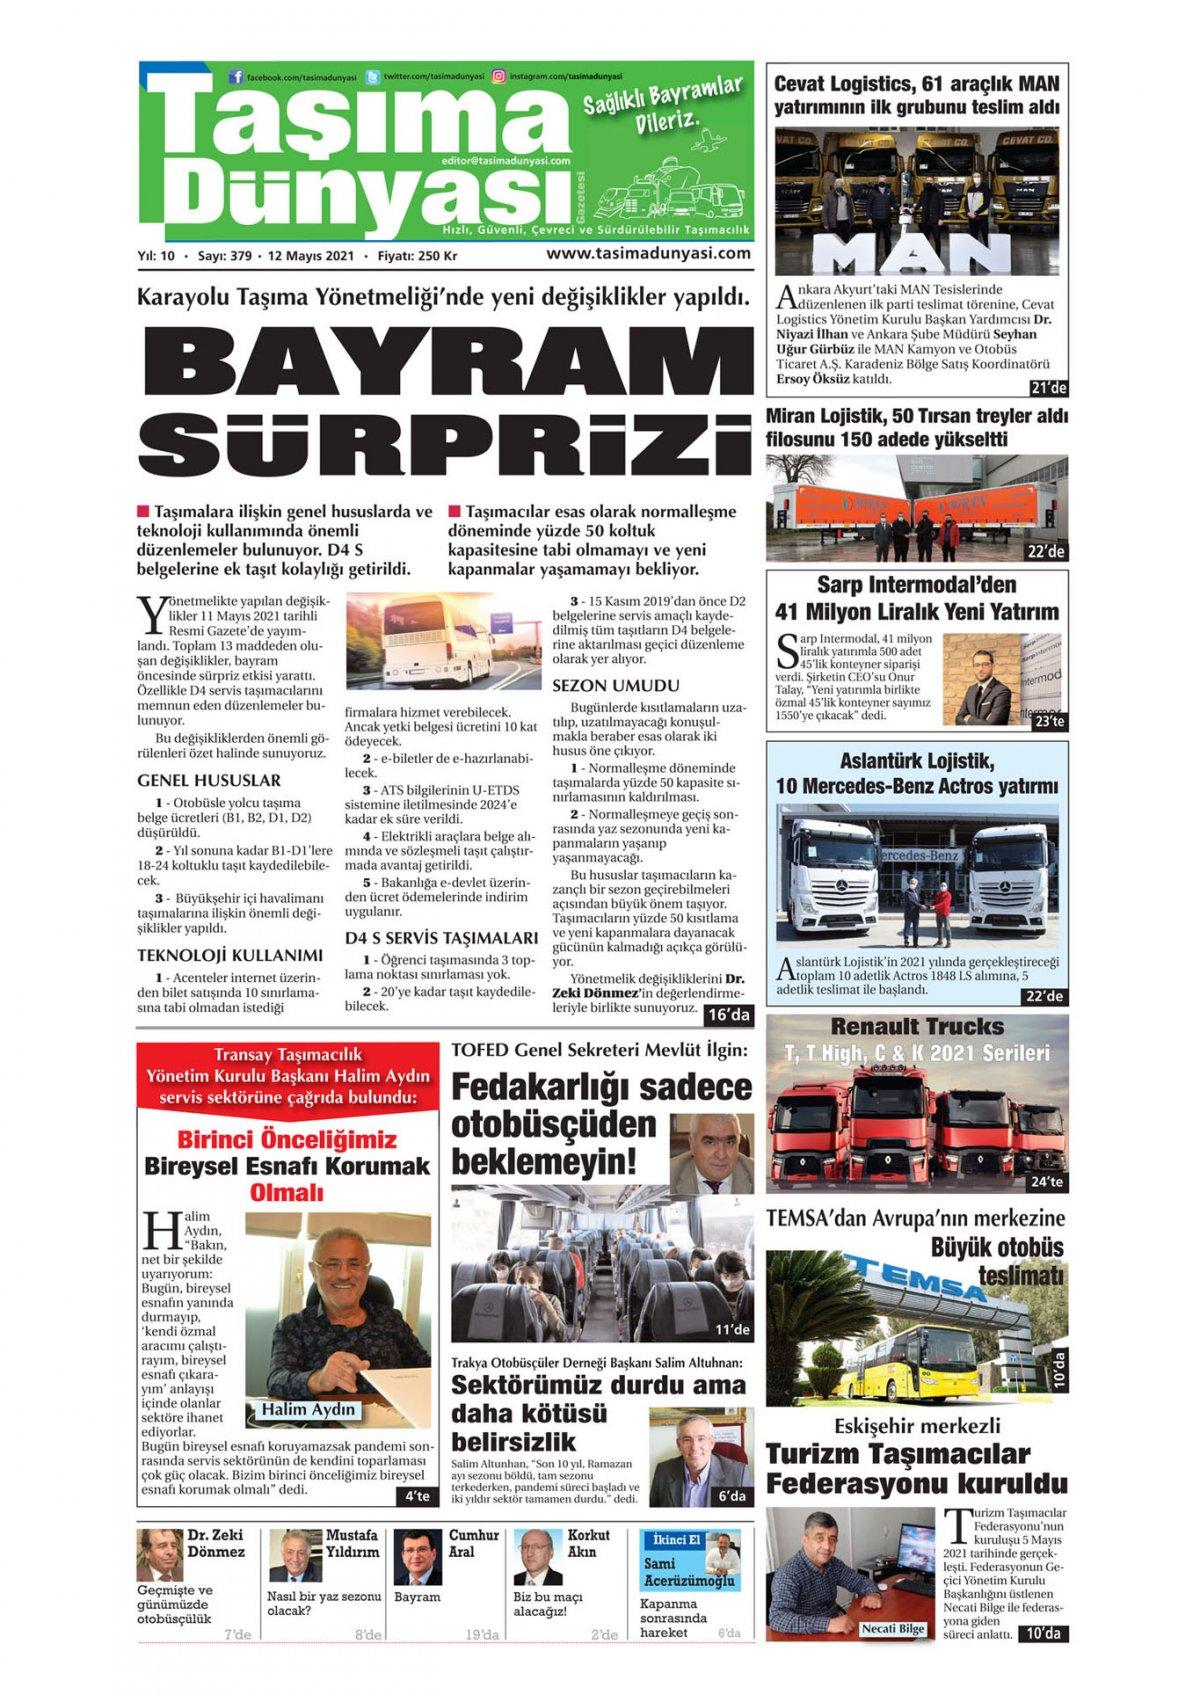 Taşıma Dünyası Gazetesi - 12.05.2021 Manşeti